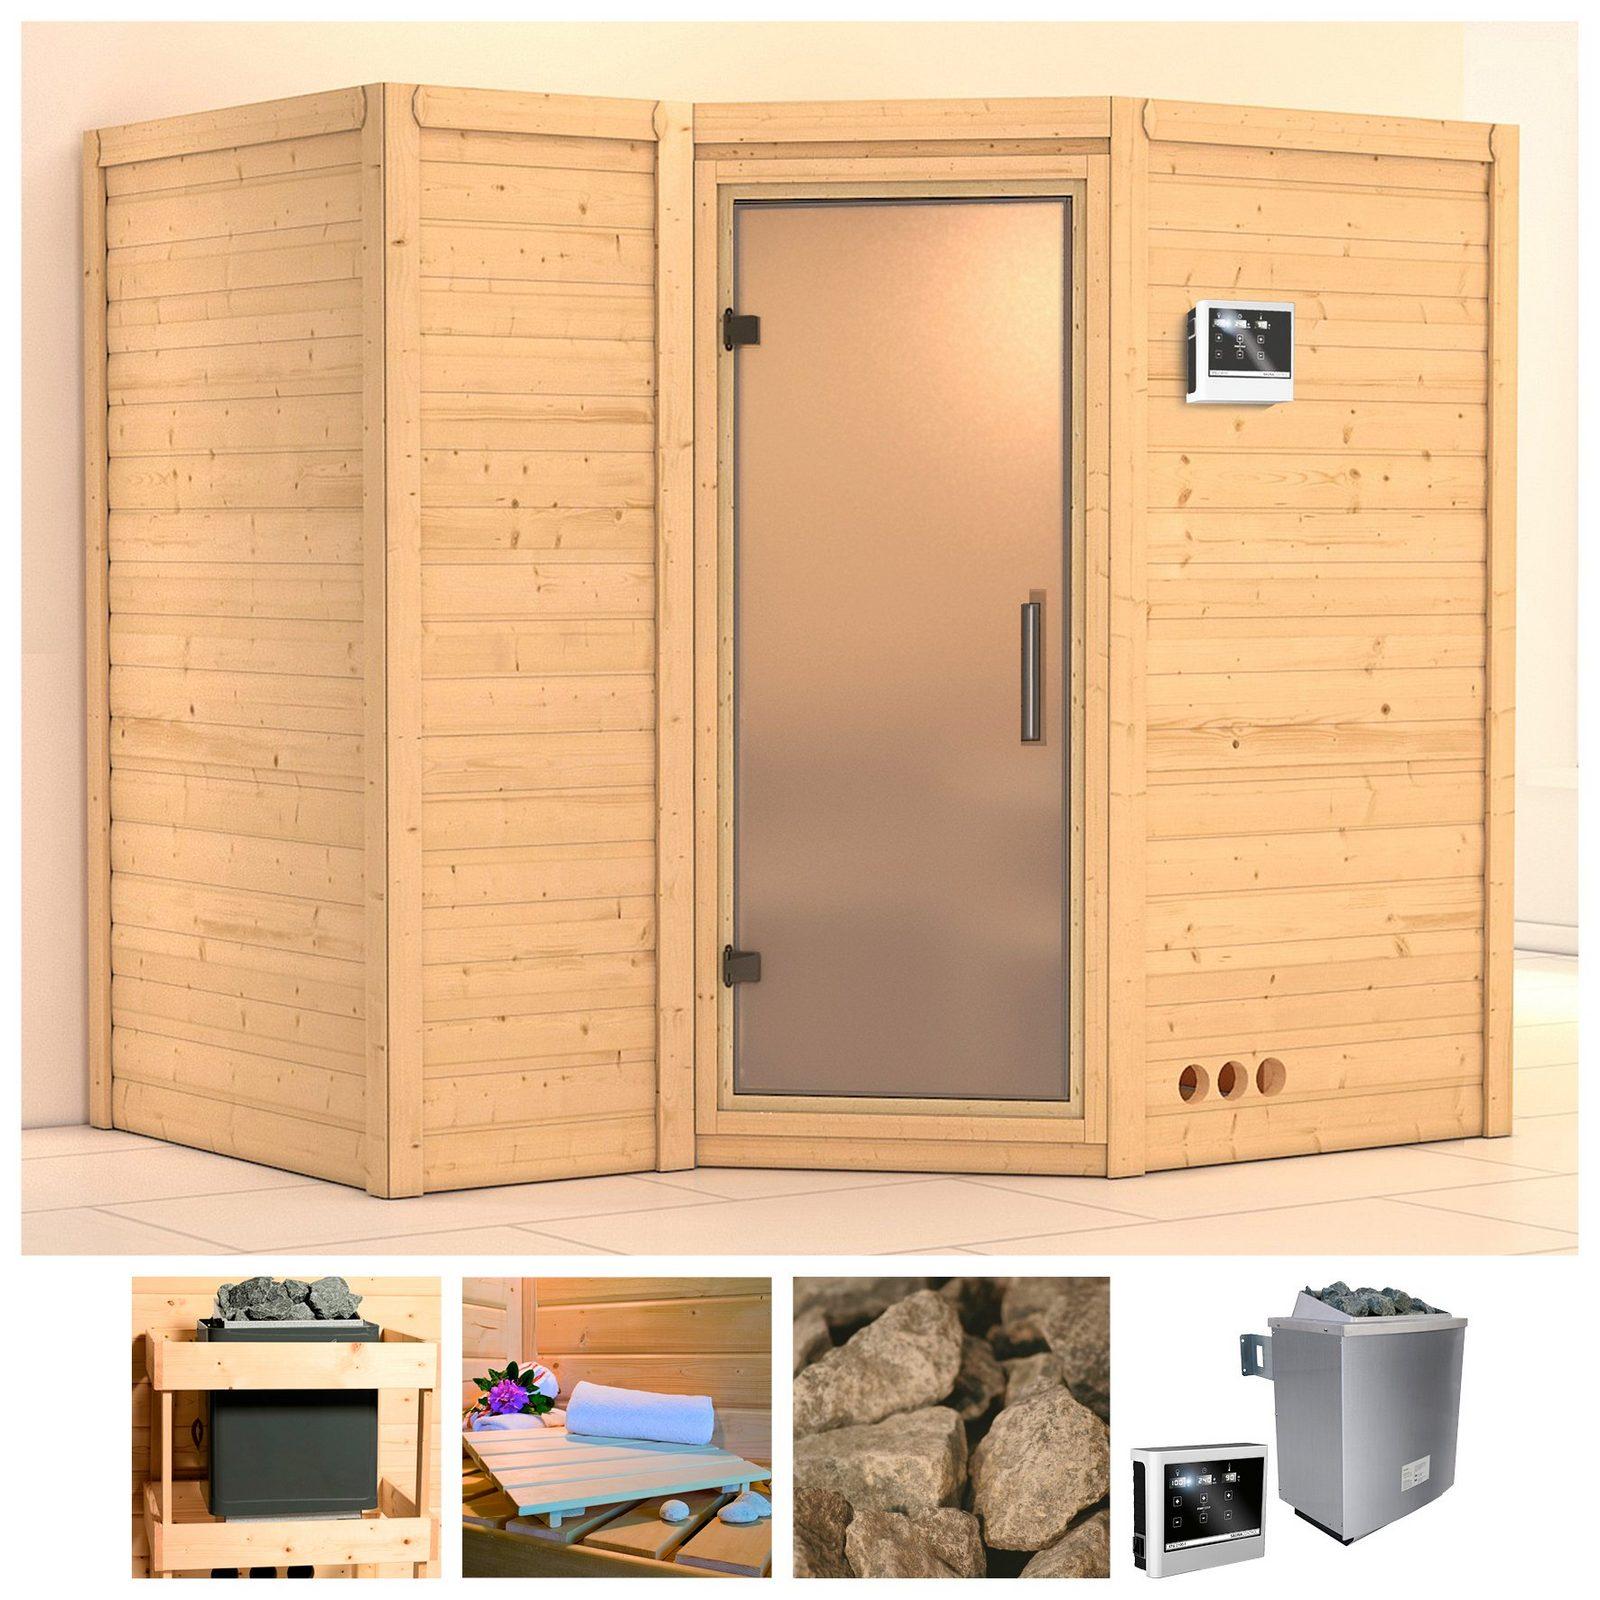 KARIBU Sauna »Sahib 2«, 236/184/206 cm, 9-kW-Ofen, ext. Steuerung, Glastür satiniert